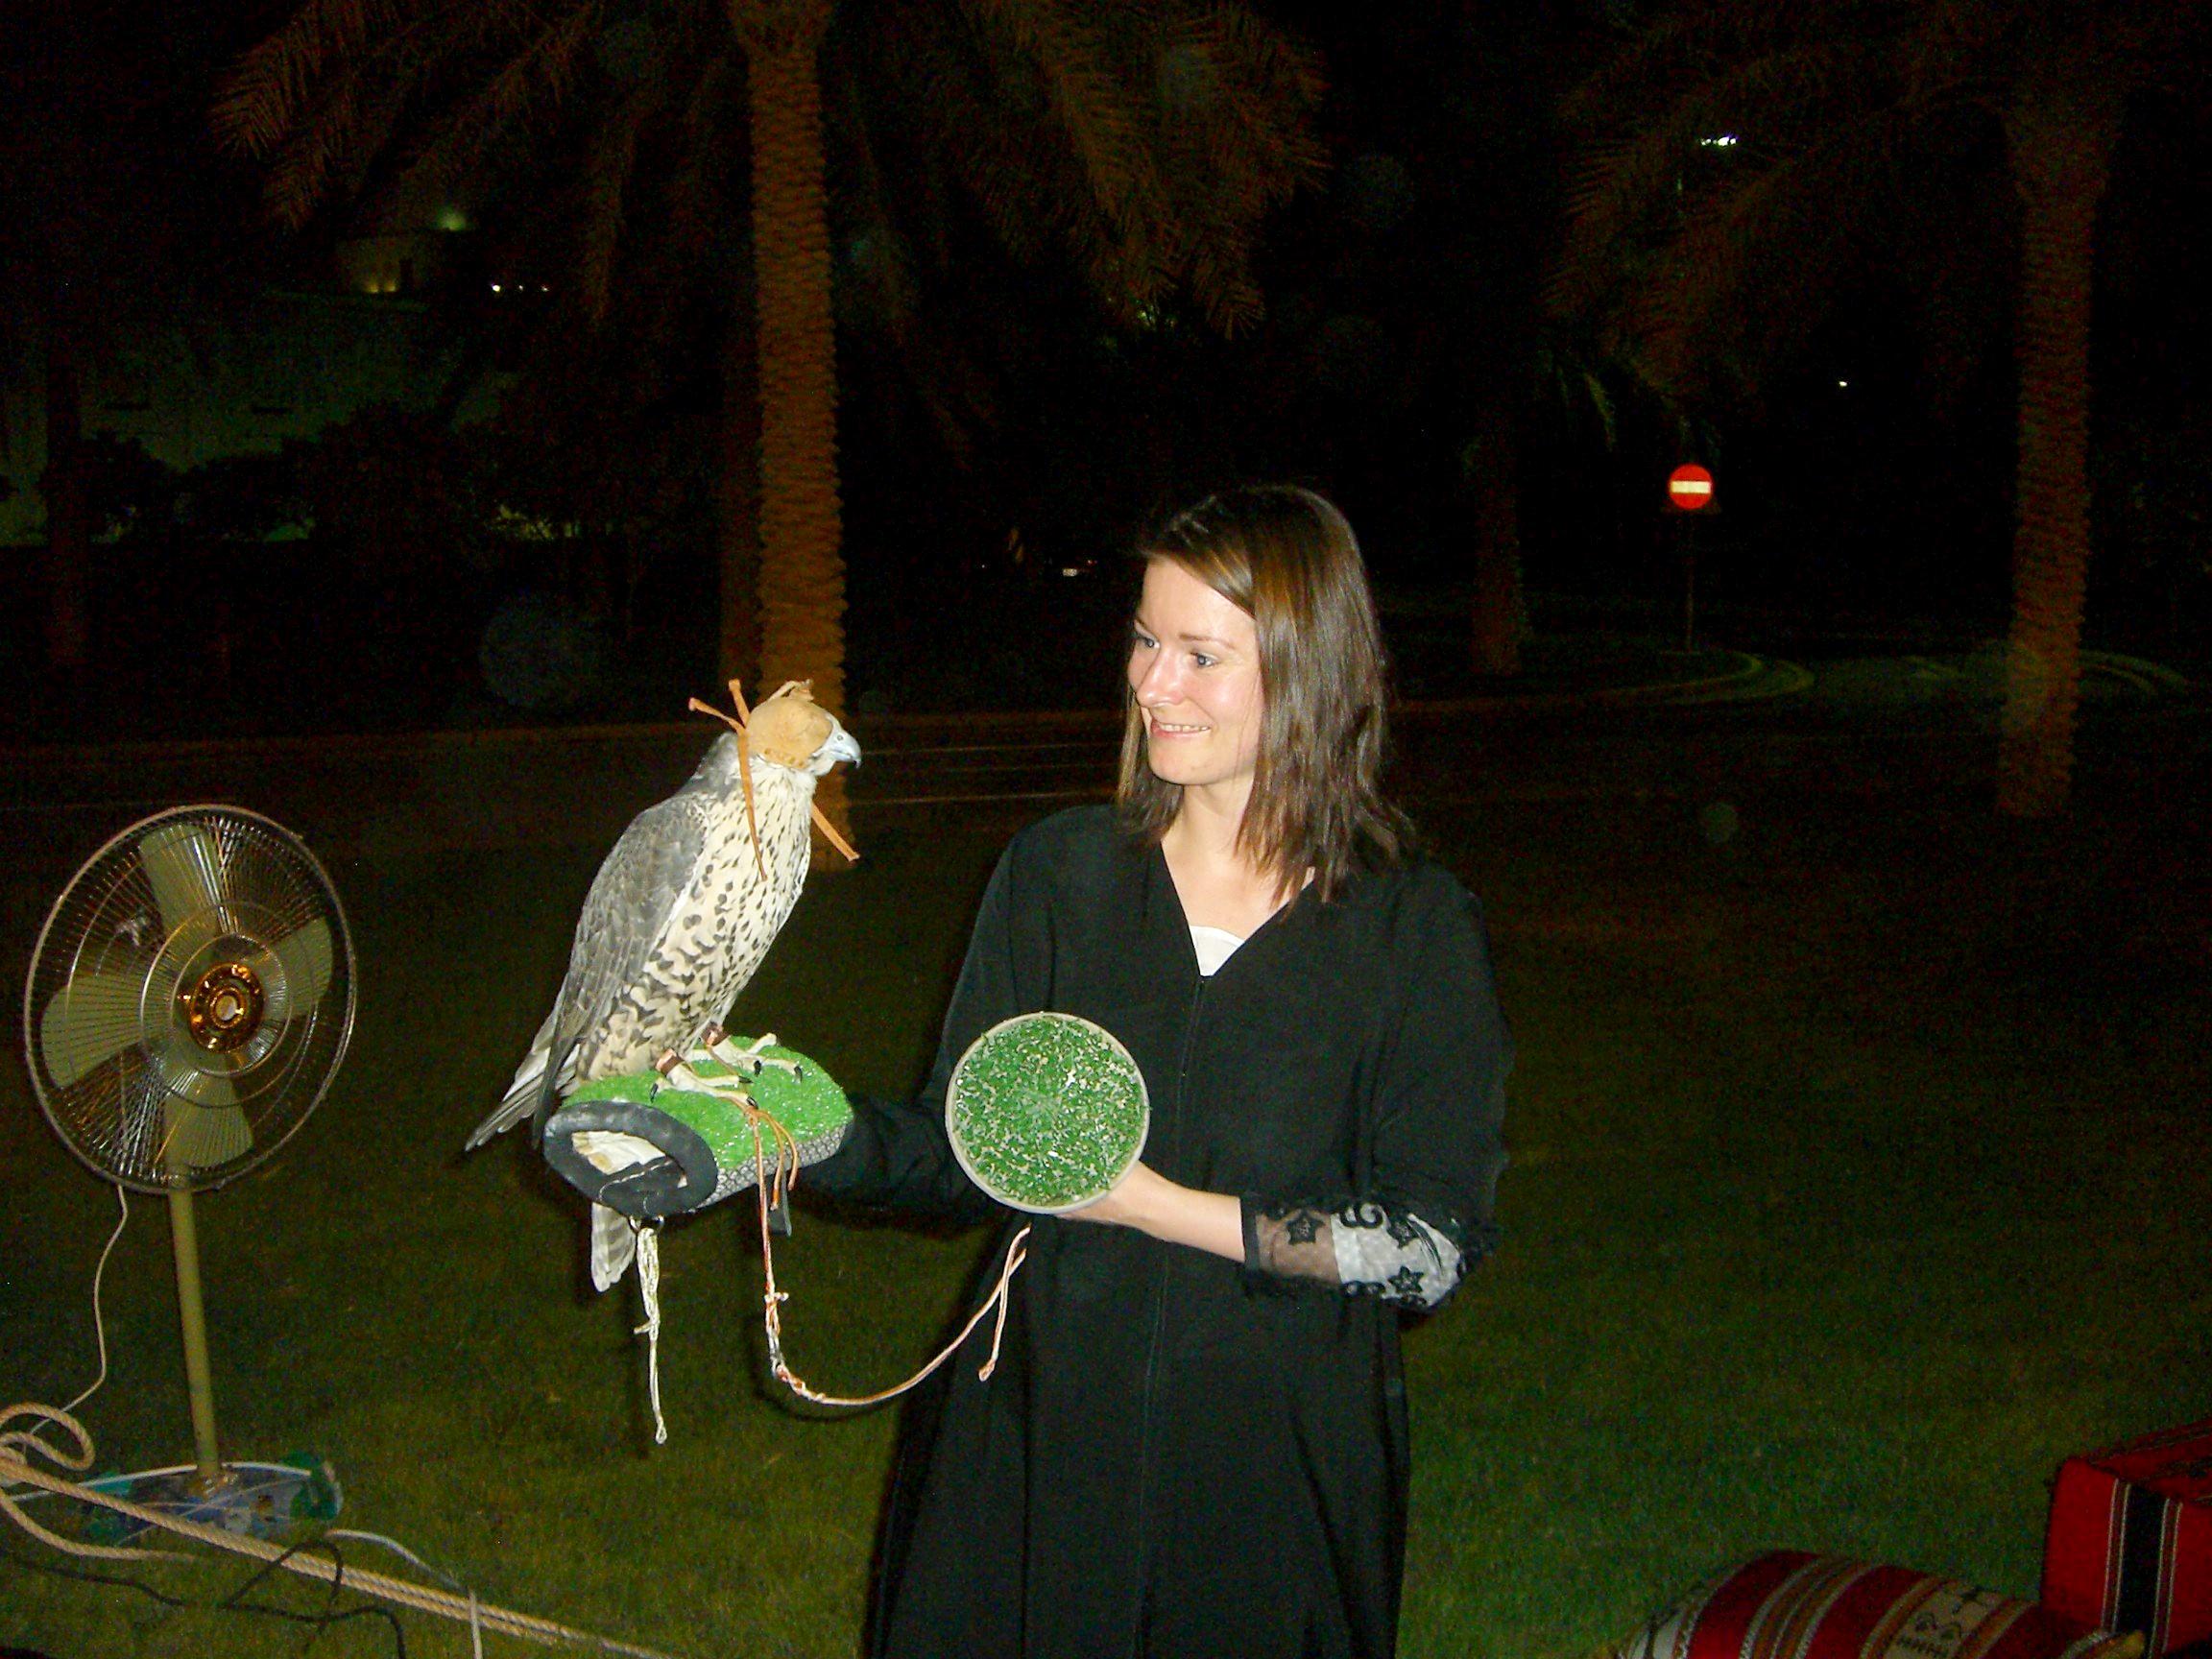 Eine Frau hat einen Falken auf dem Arm.